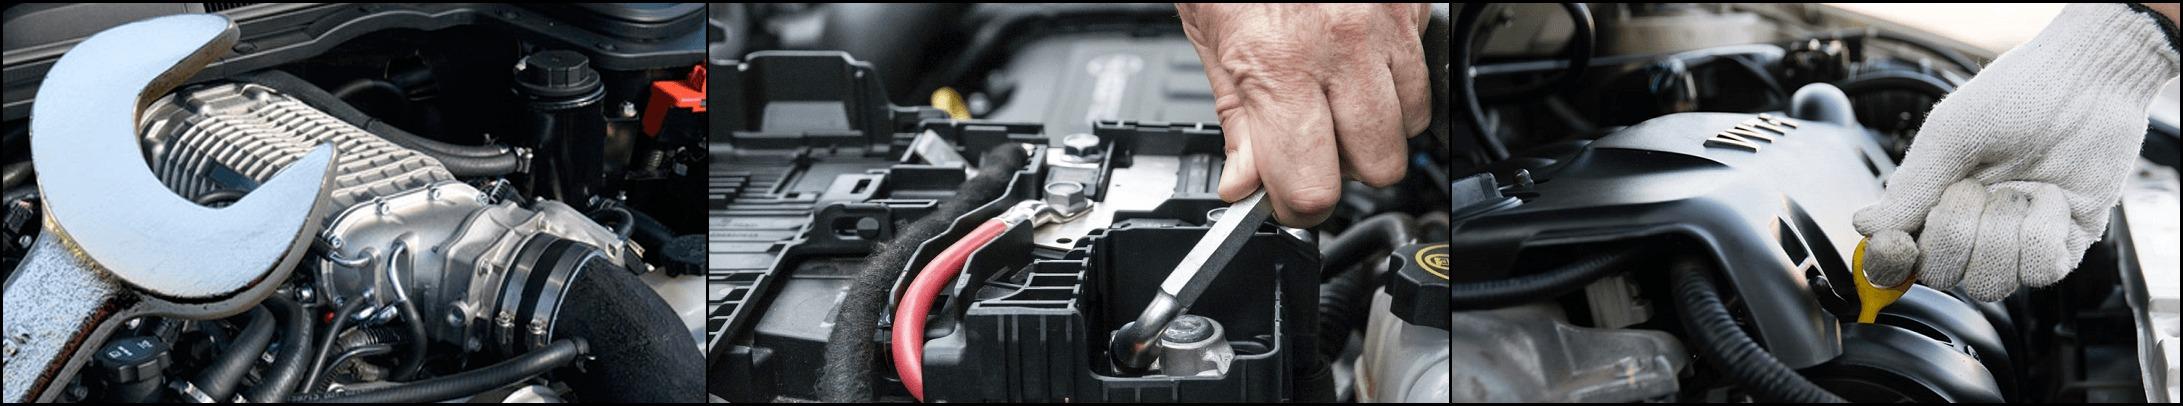 warsztat samochodowy warszawa mechanik elektryk warszawa